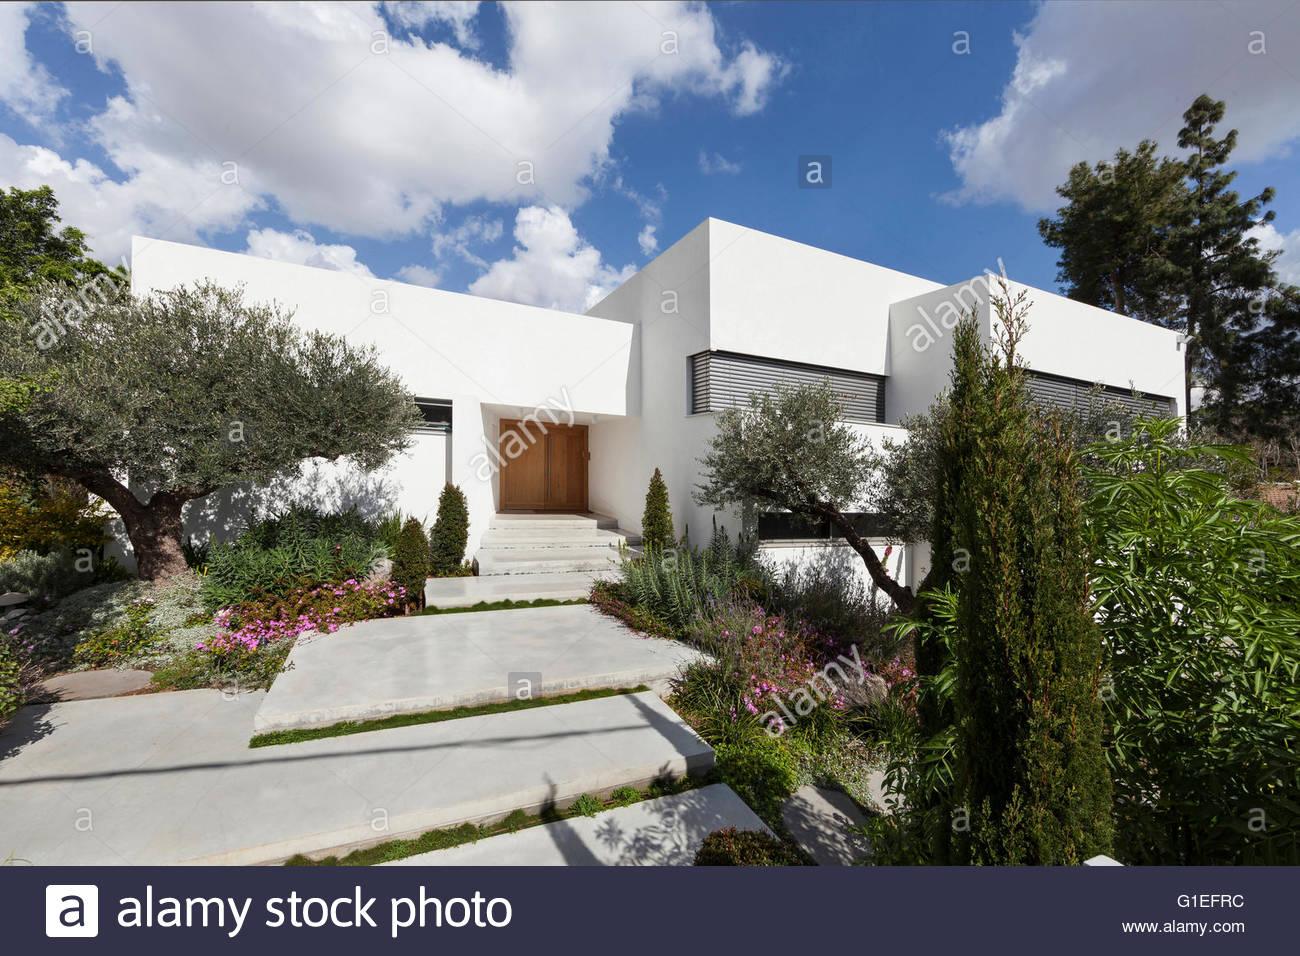 Modern Home Exterior Stock Photos & Modern Home Exterior Stock ...